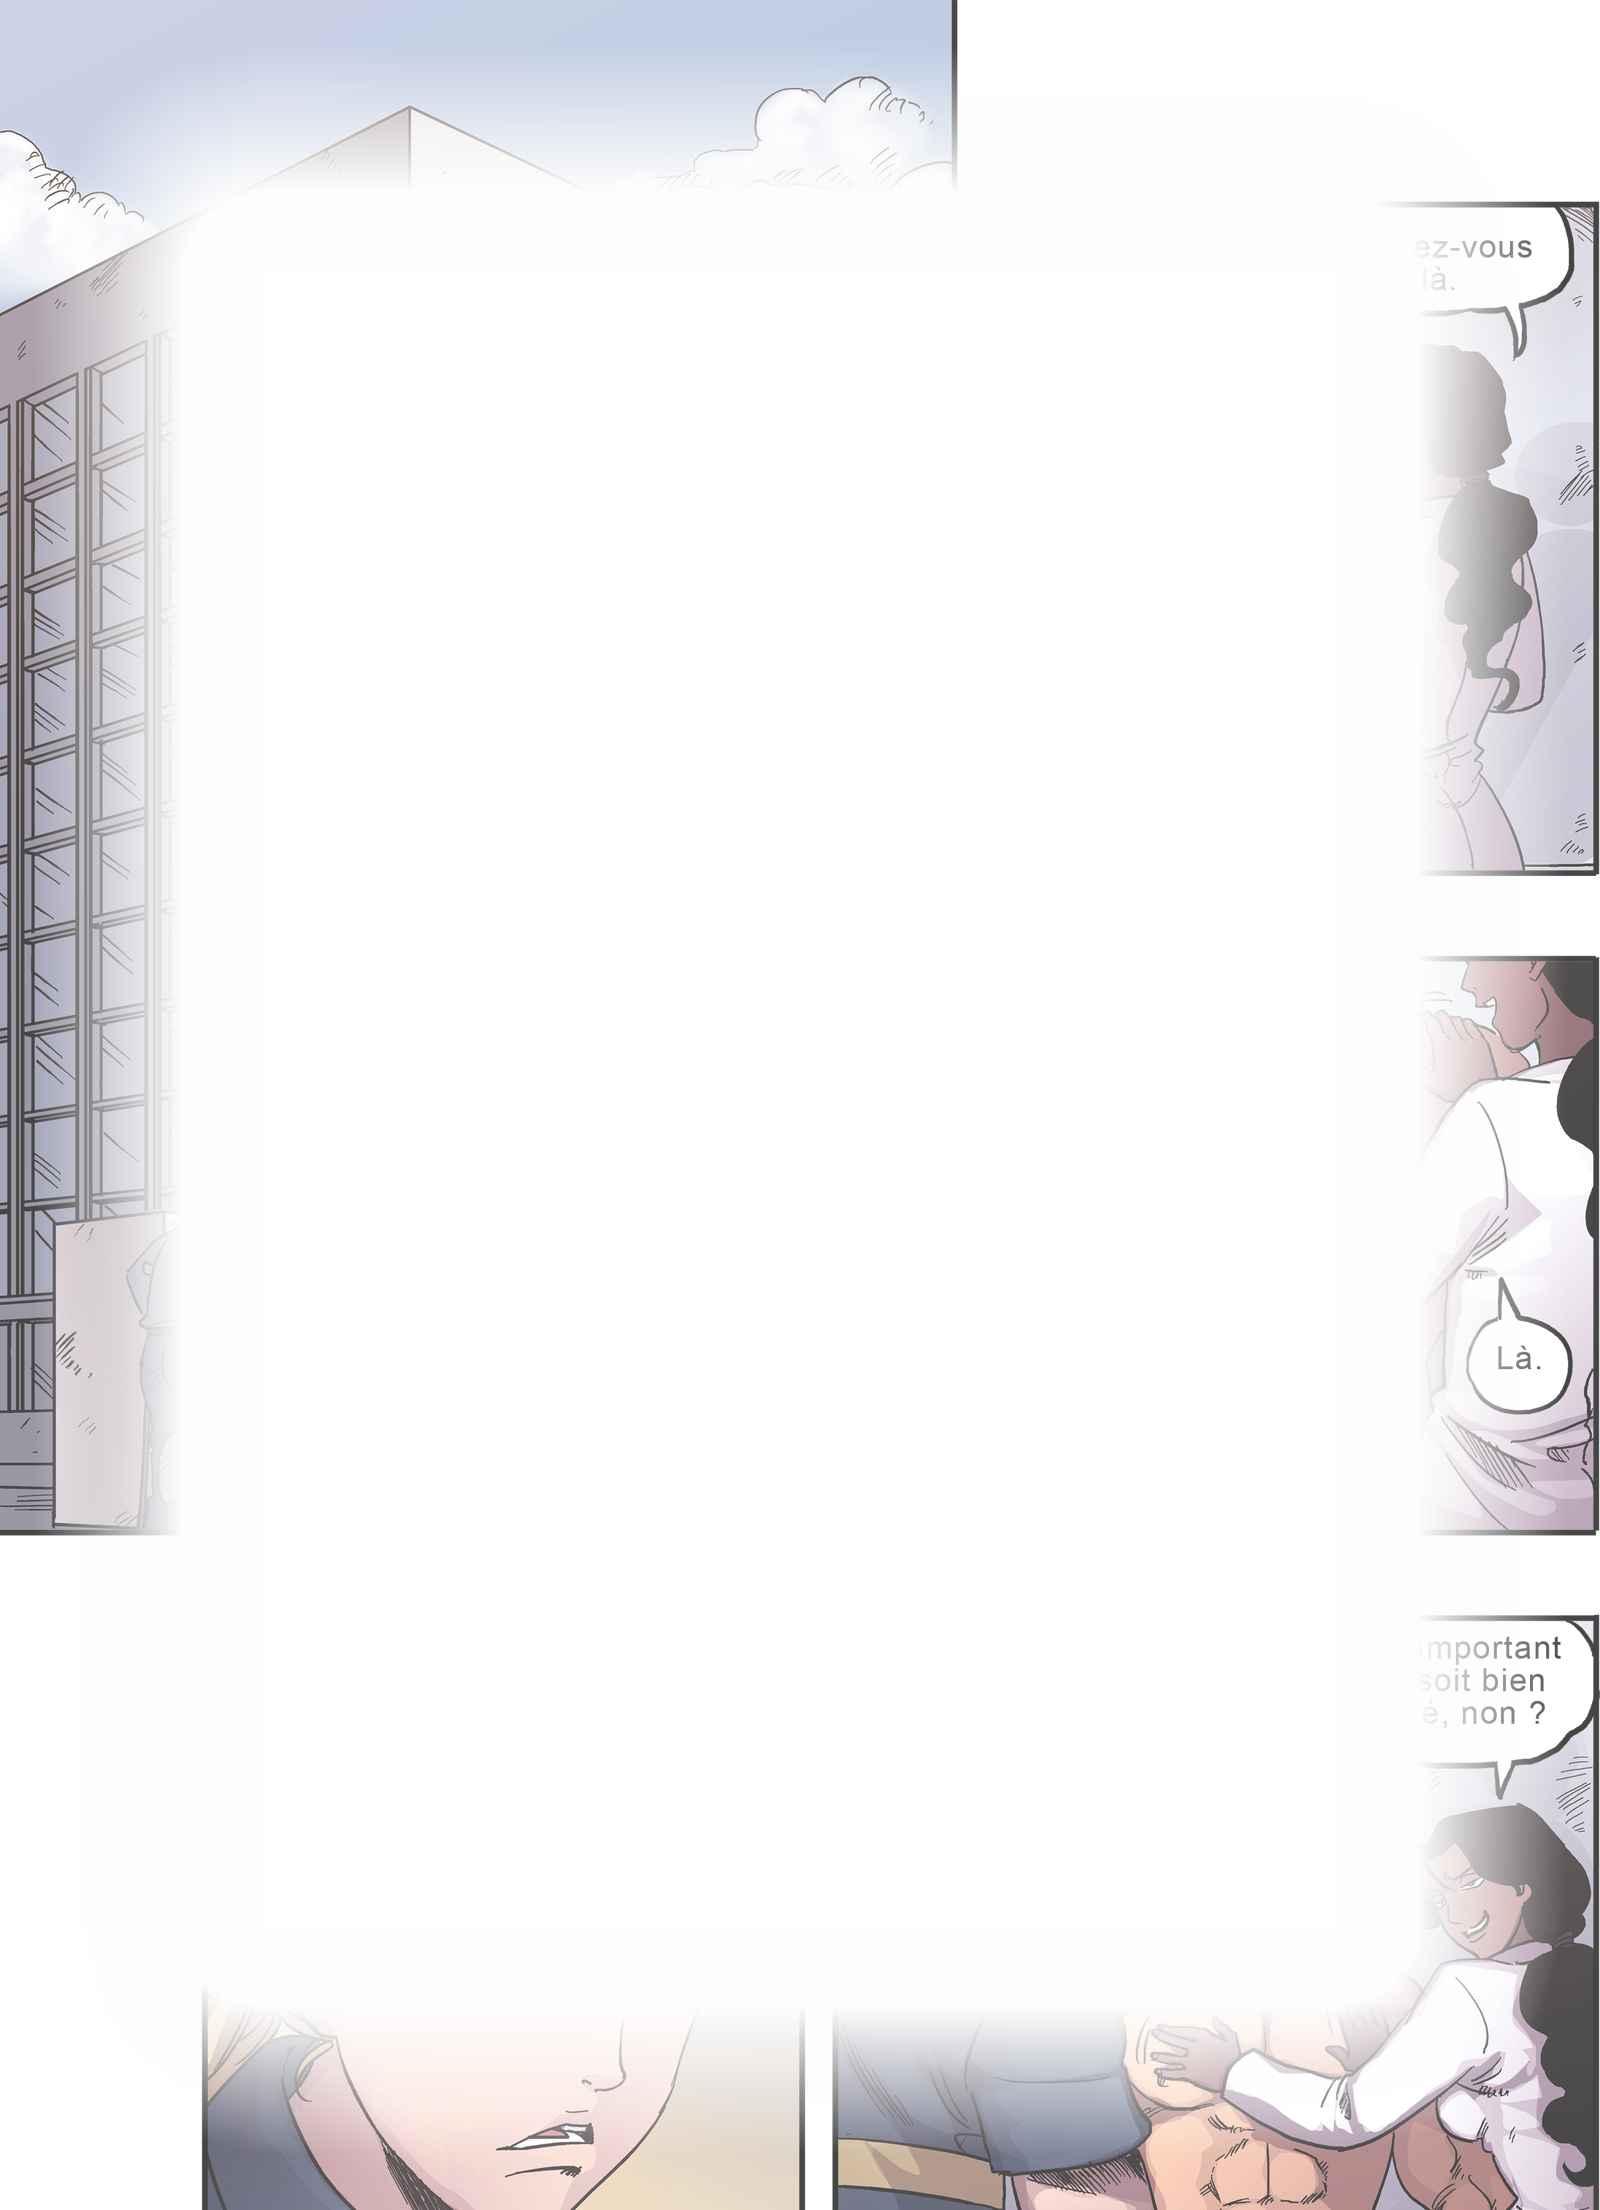 Hémisphères : Chapitre 8 page 7